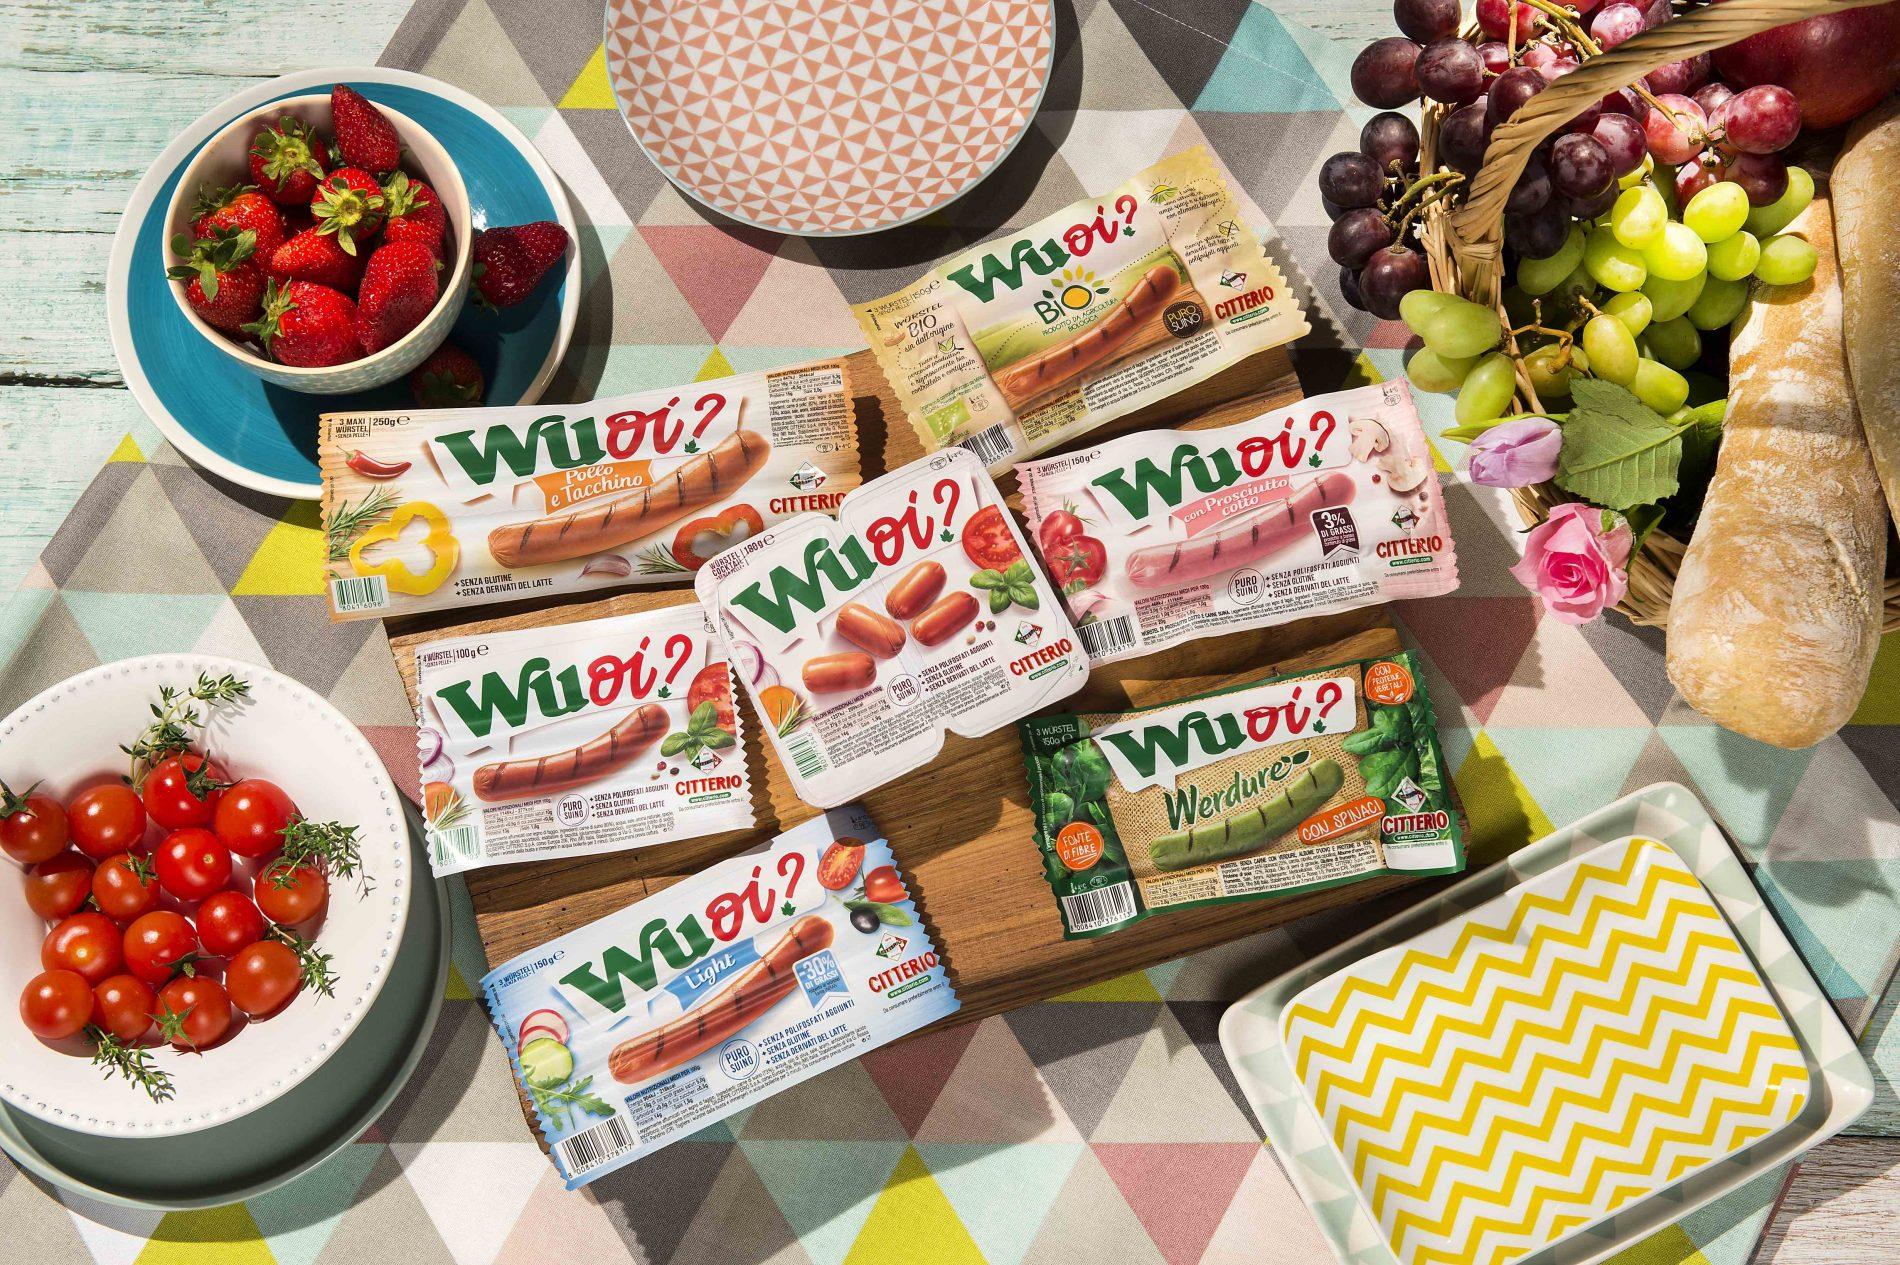 Organizzare una grigliata con i wurstel Wuoi